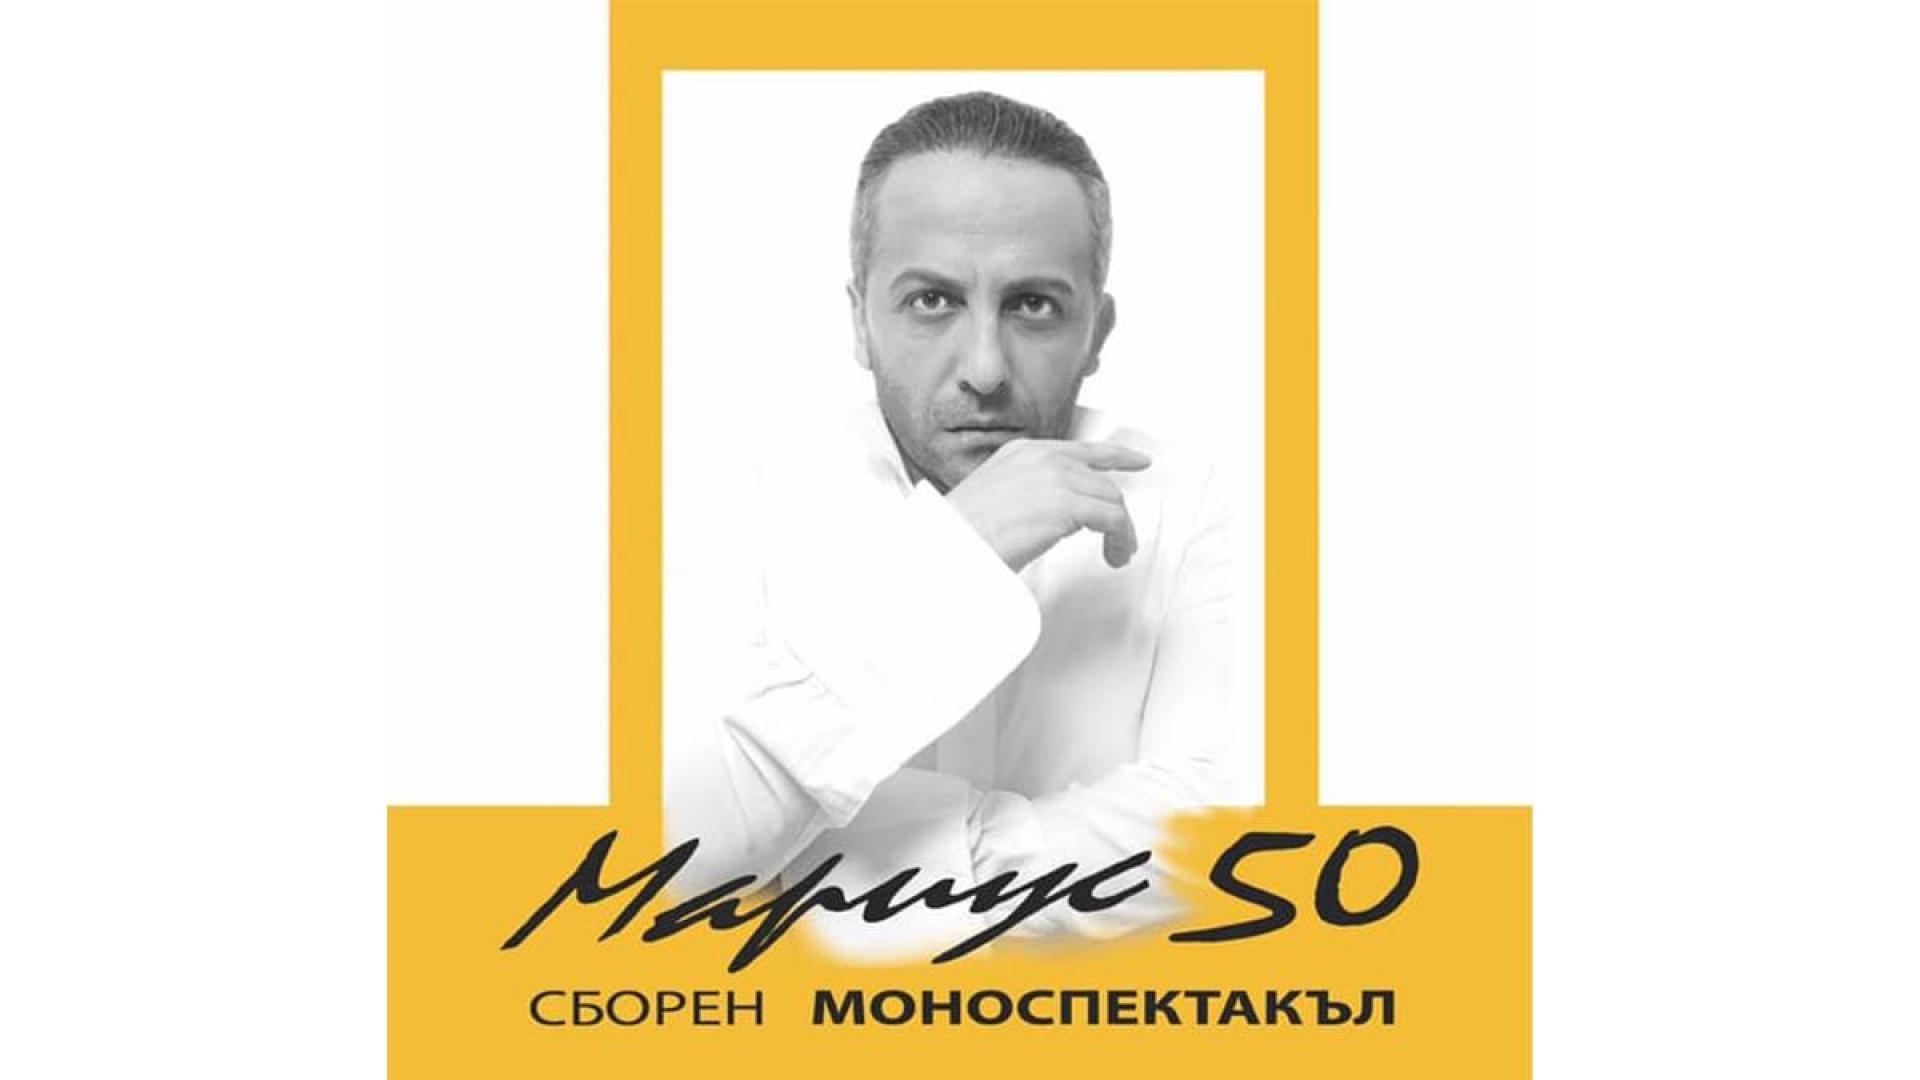 Мариус 50 - сборен моноспектакъл